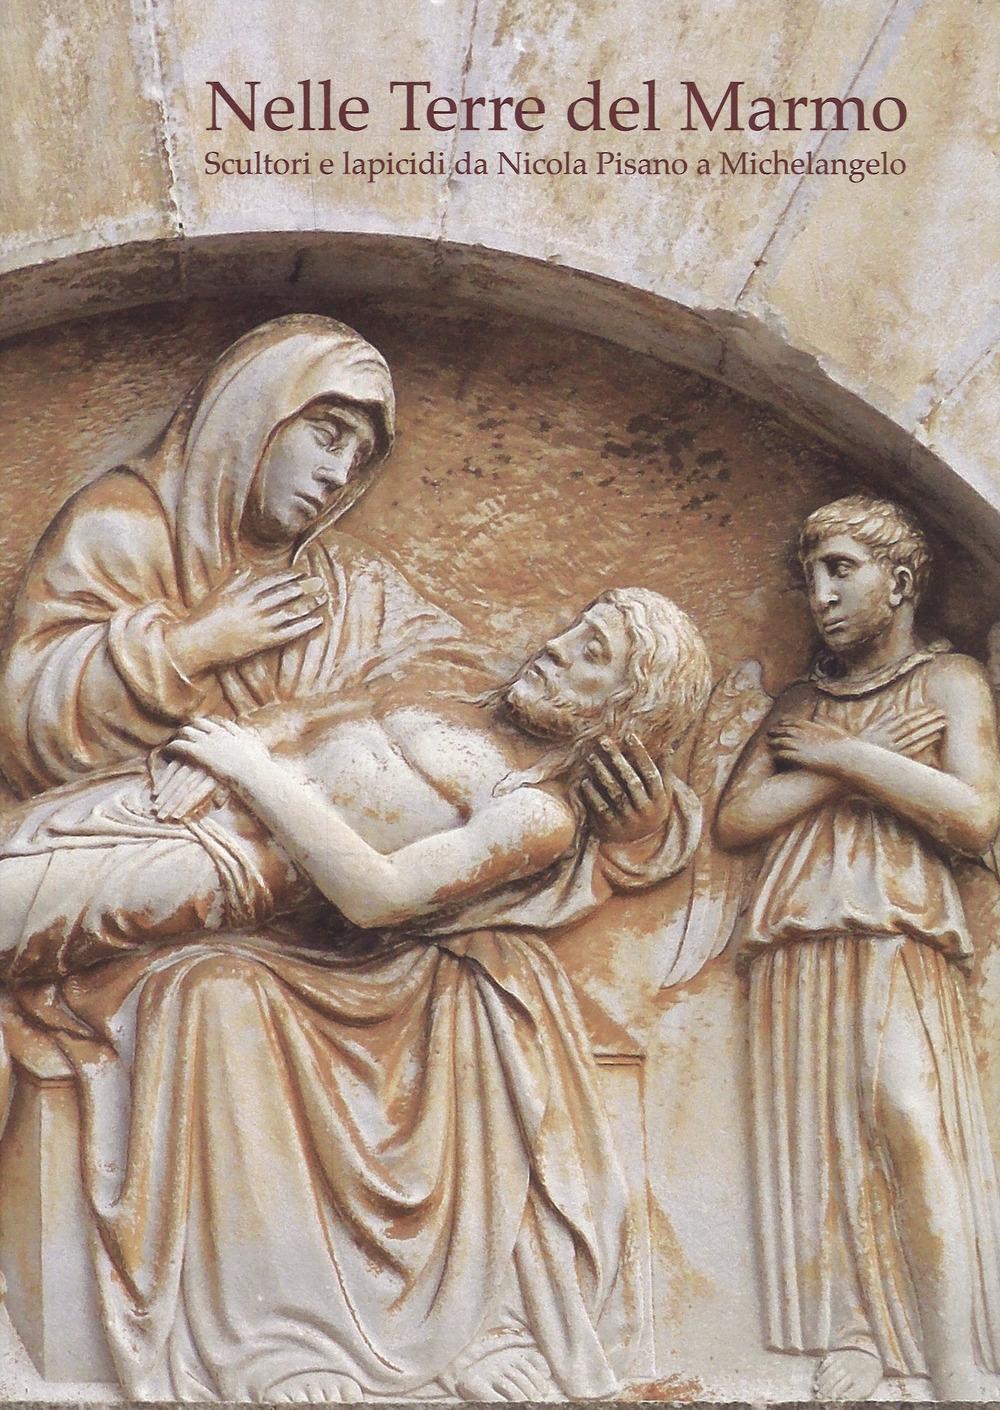 Nelle terre del marmo. Scultori e lapicidi da Nicola Pisano a Michelangelo